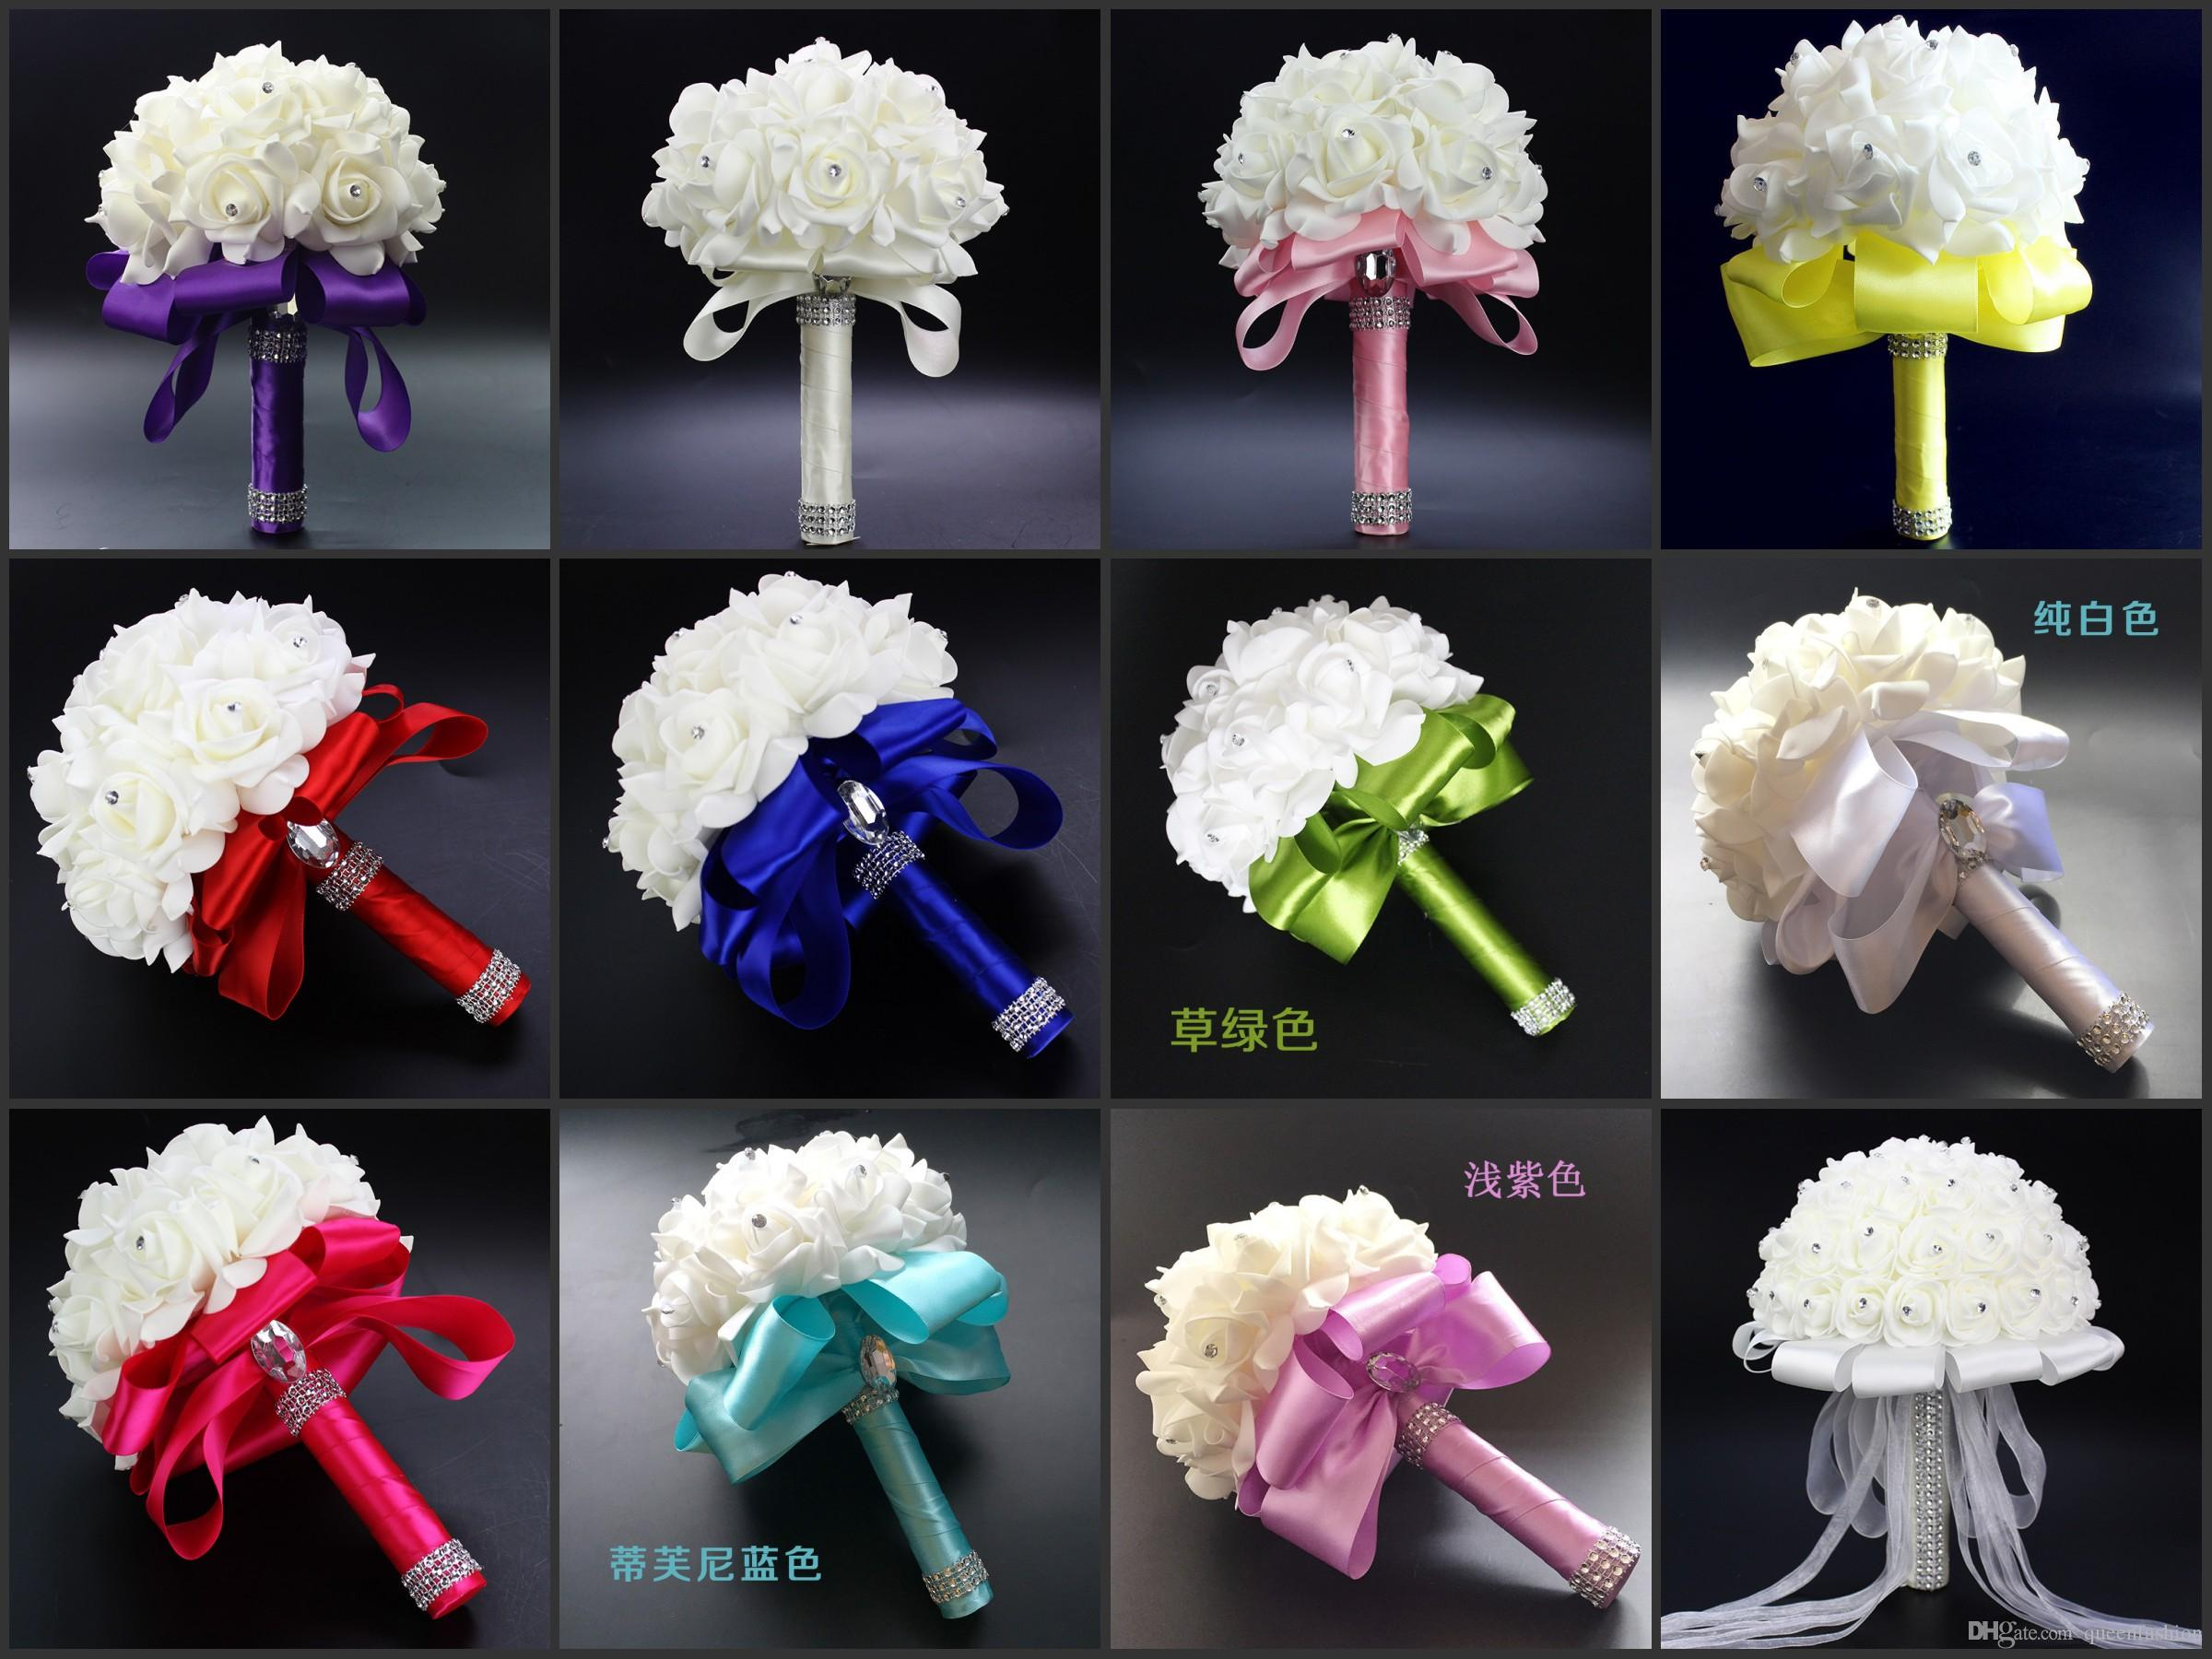 Bridal Wedding Bouquets Bridesmaid Bouquet With Crystals Artificial